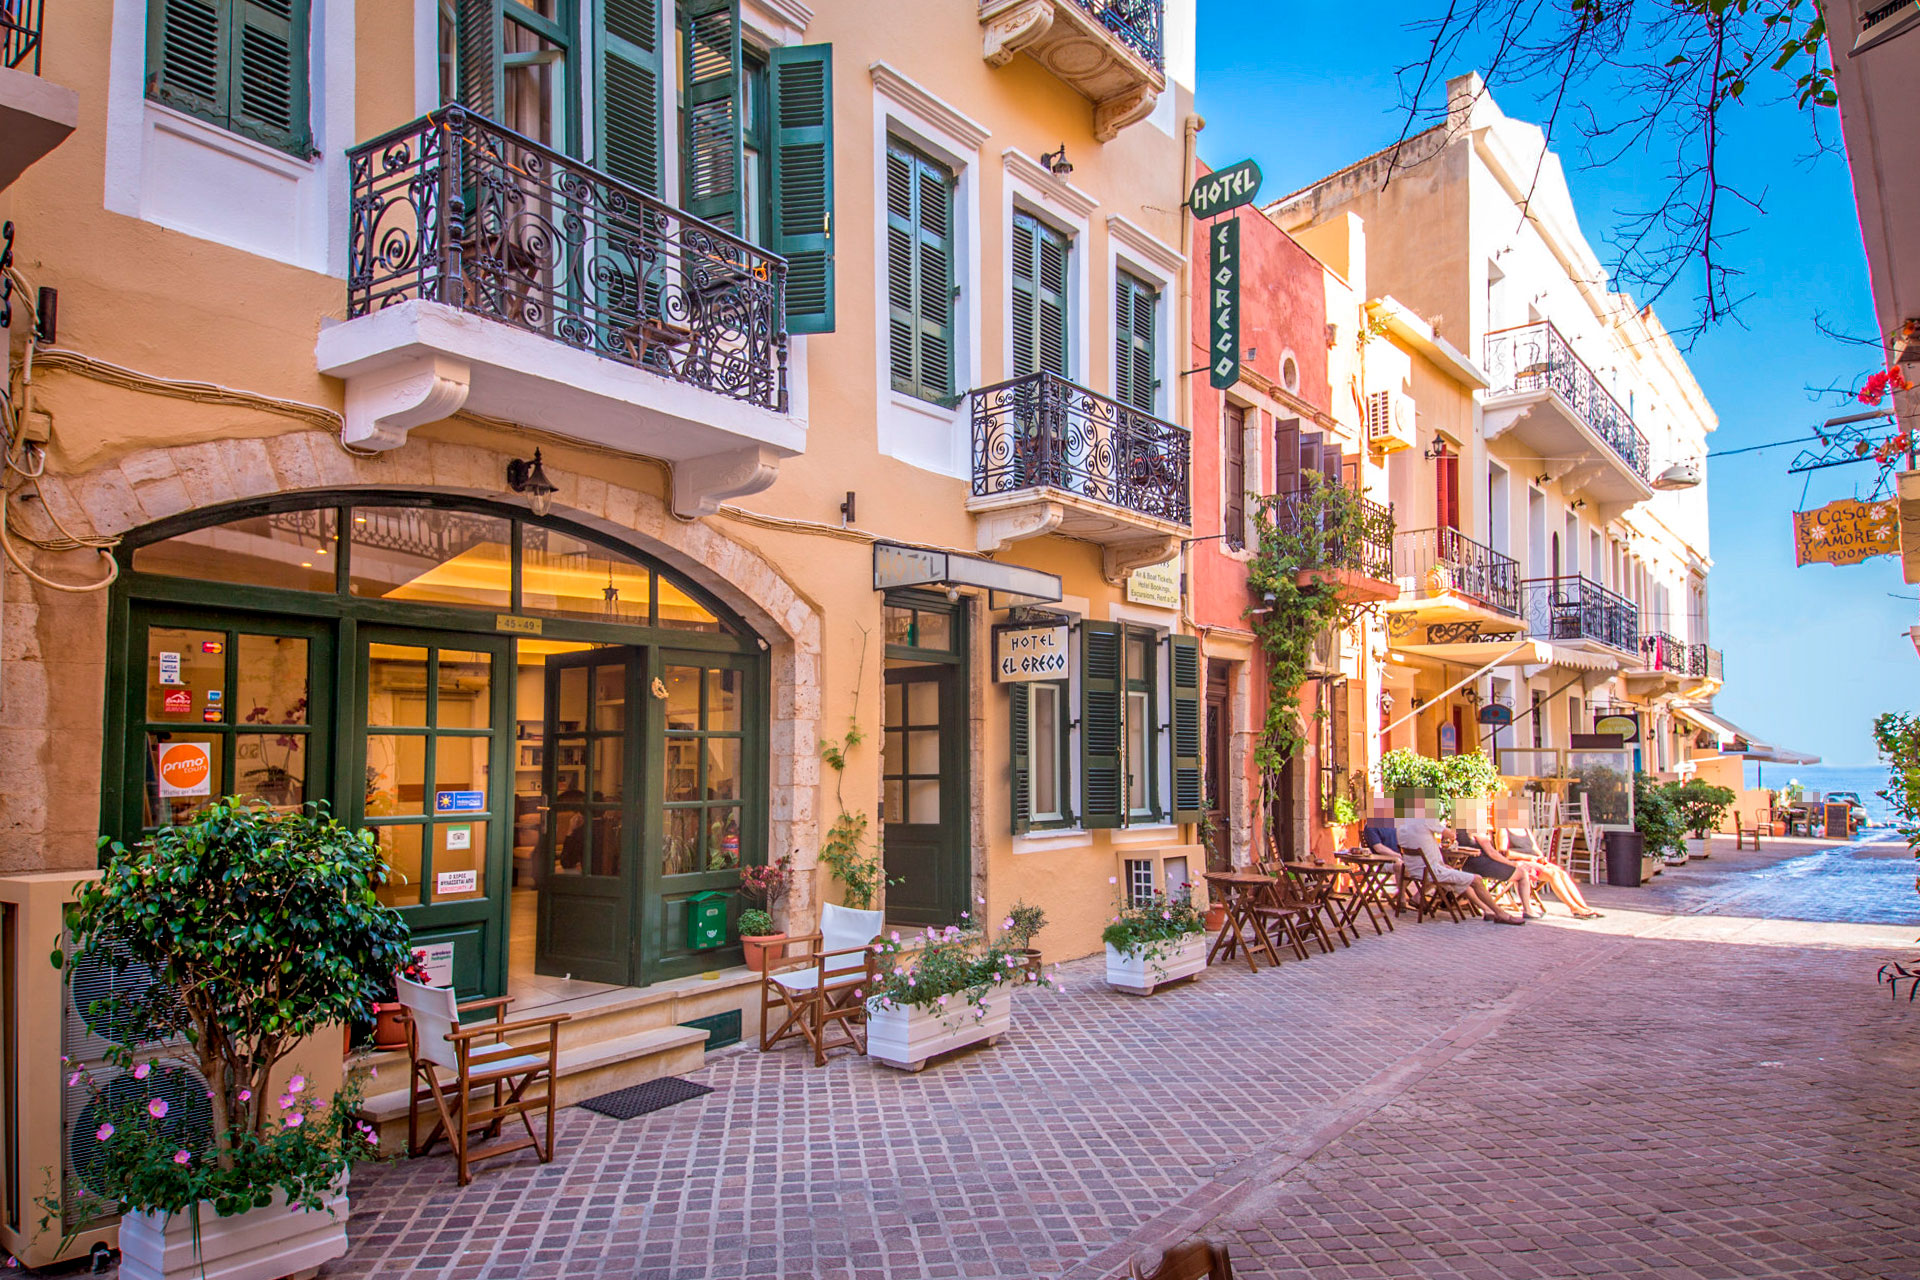 El Greco Hotel - Chania, Crete, Greece